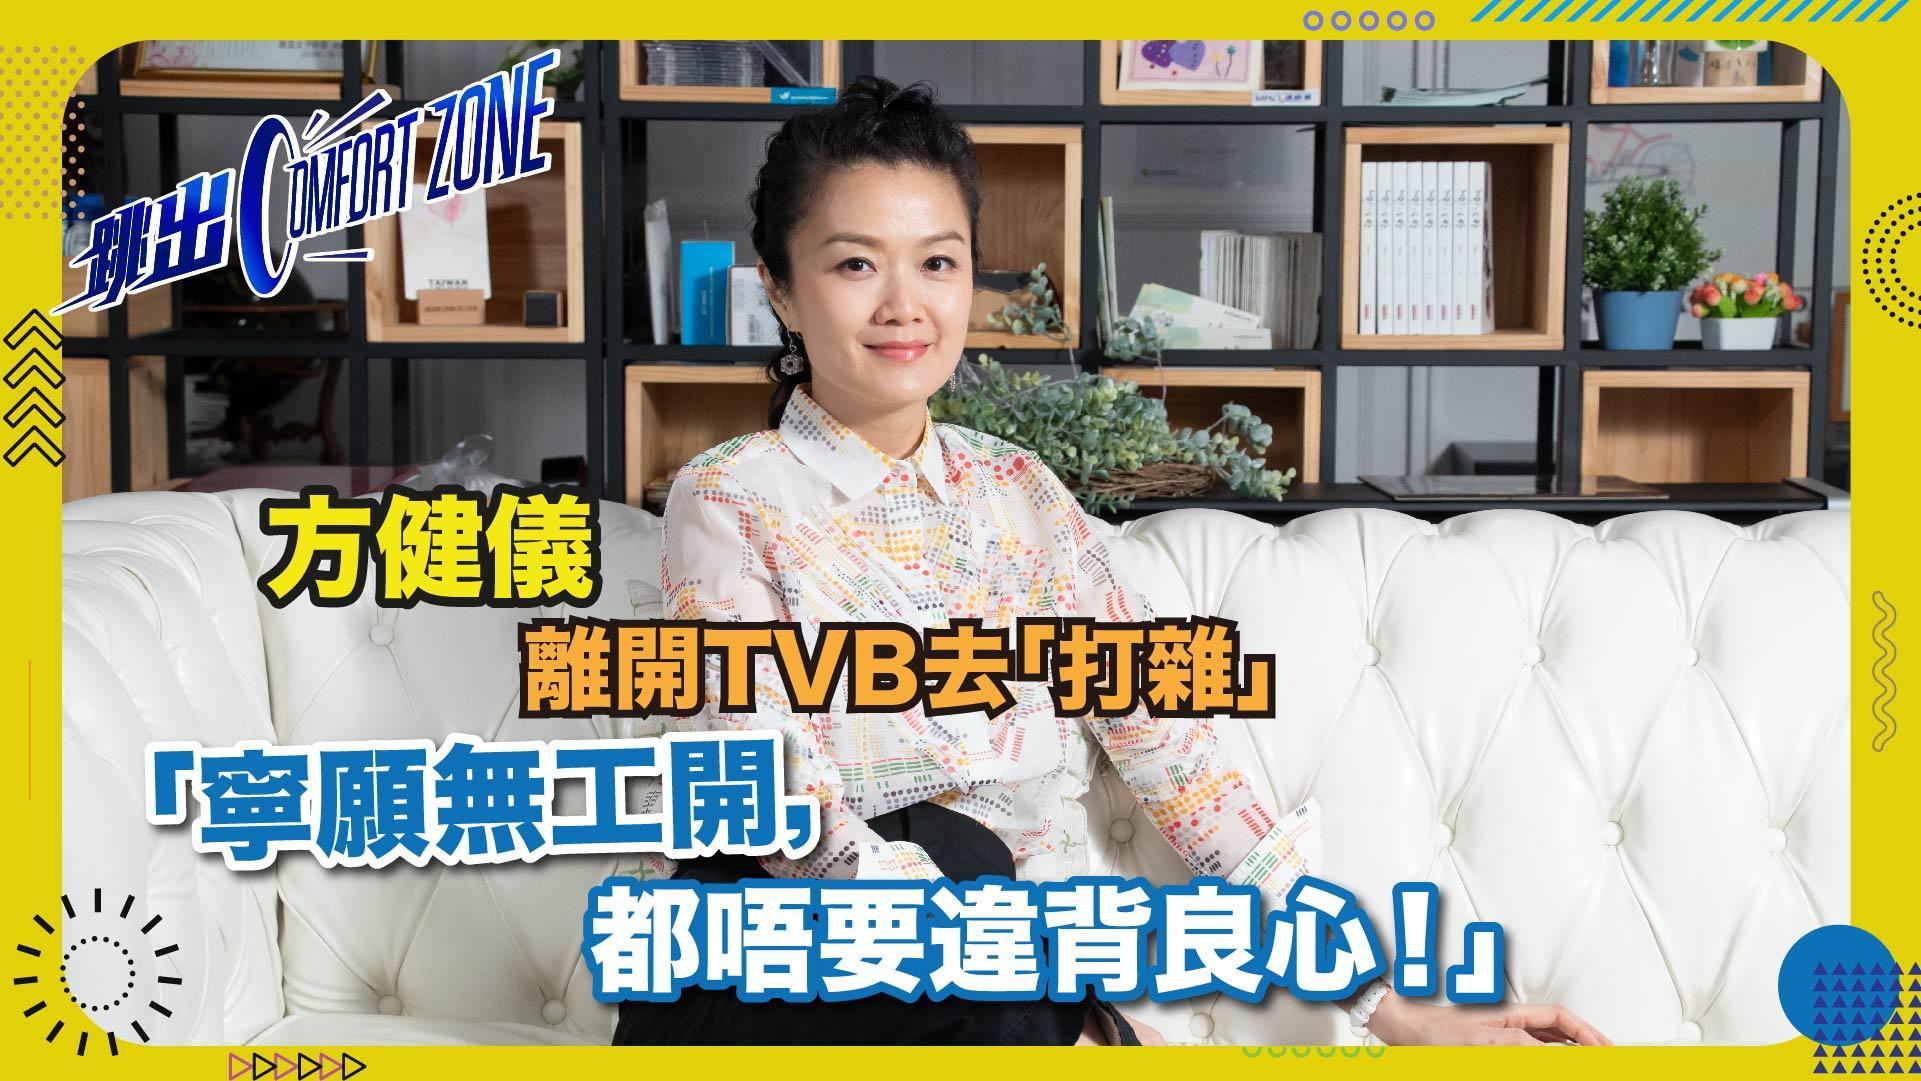 方健儀離開TVB 6年轉行「打雜」拒絕違背良心工作!【跳出Comfort Zone】